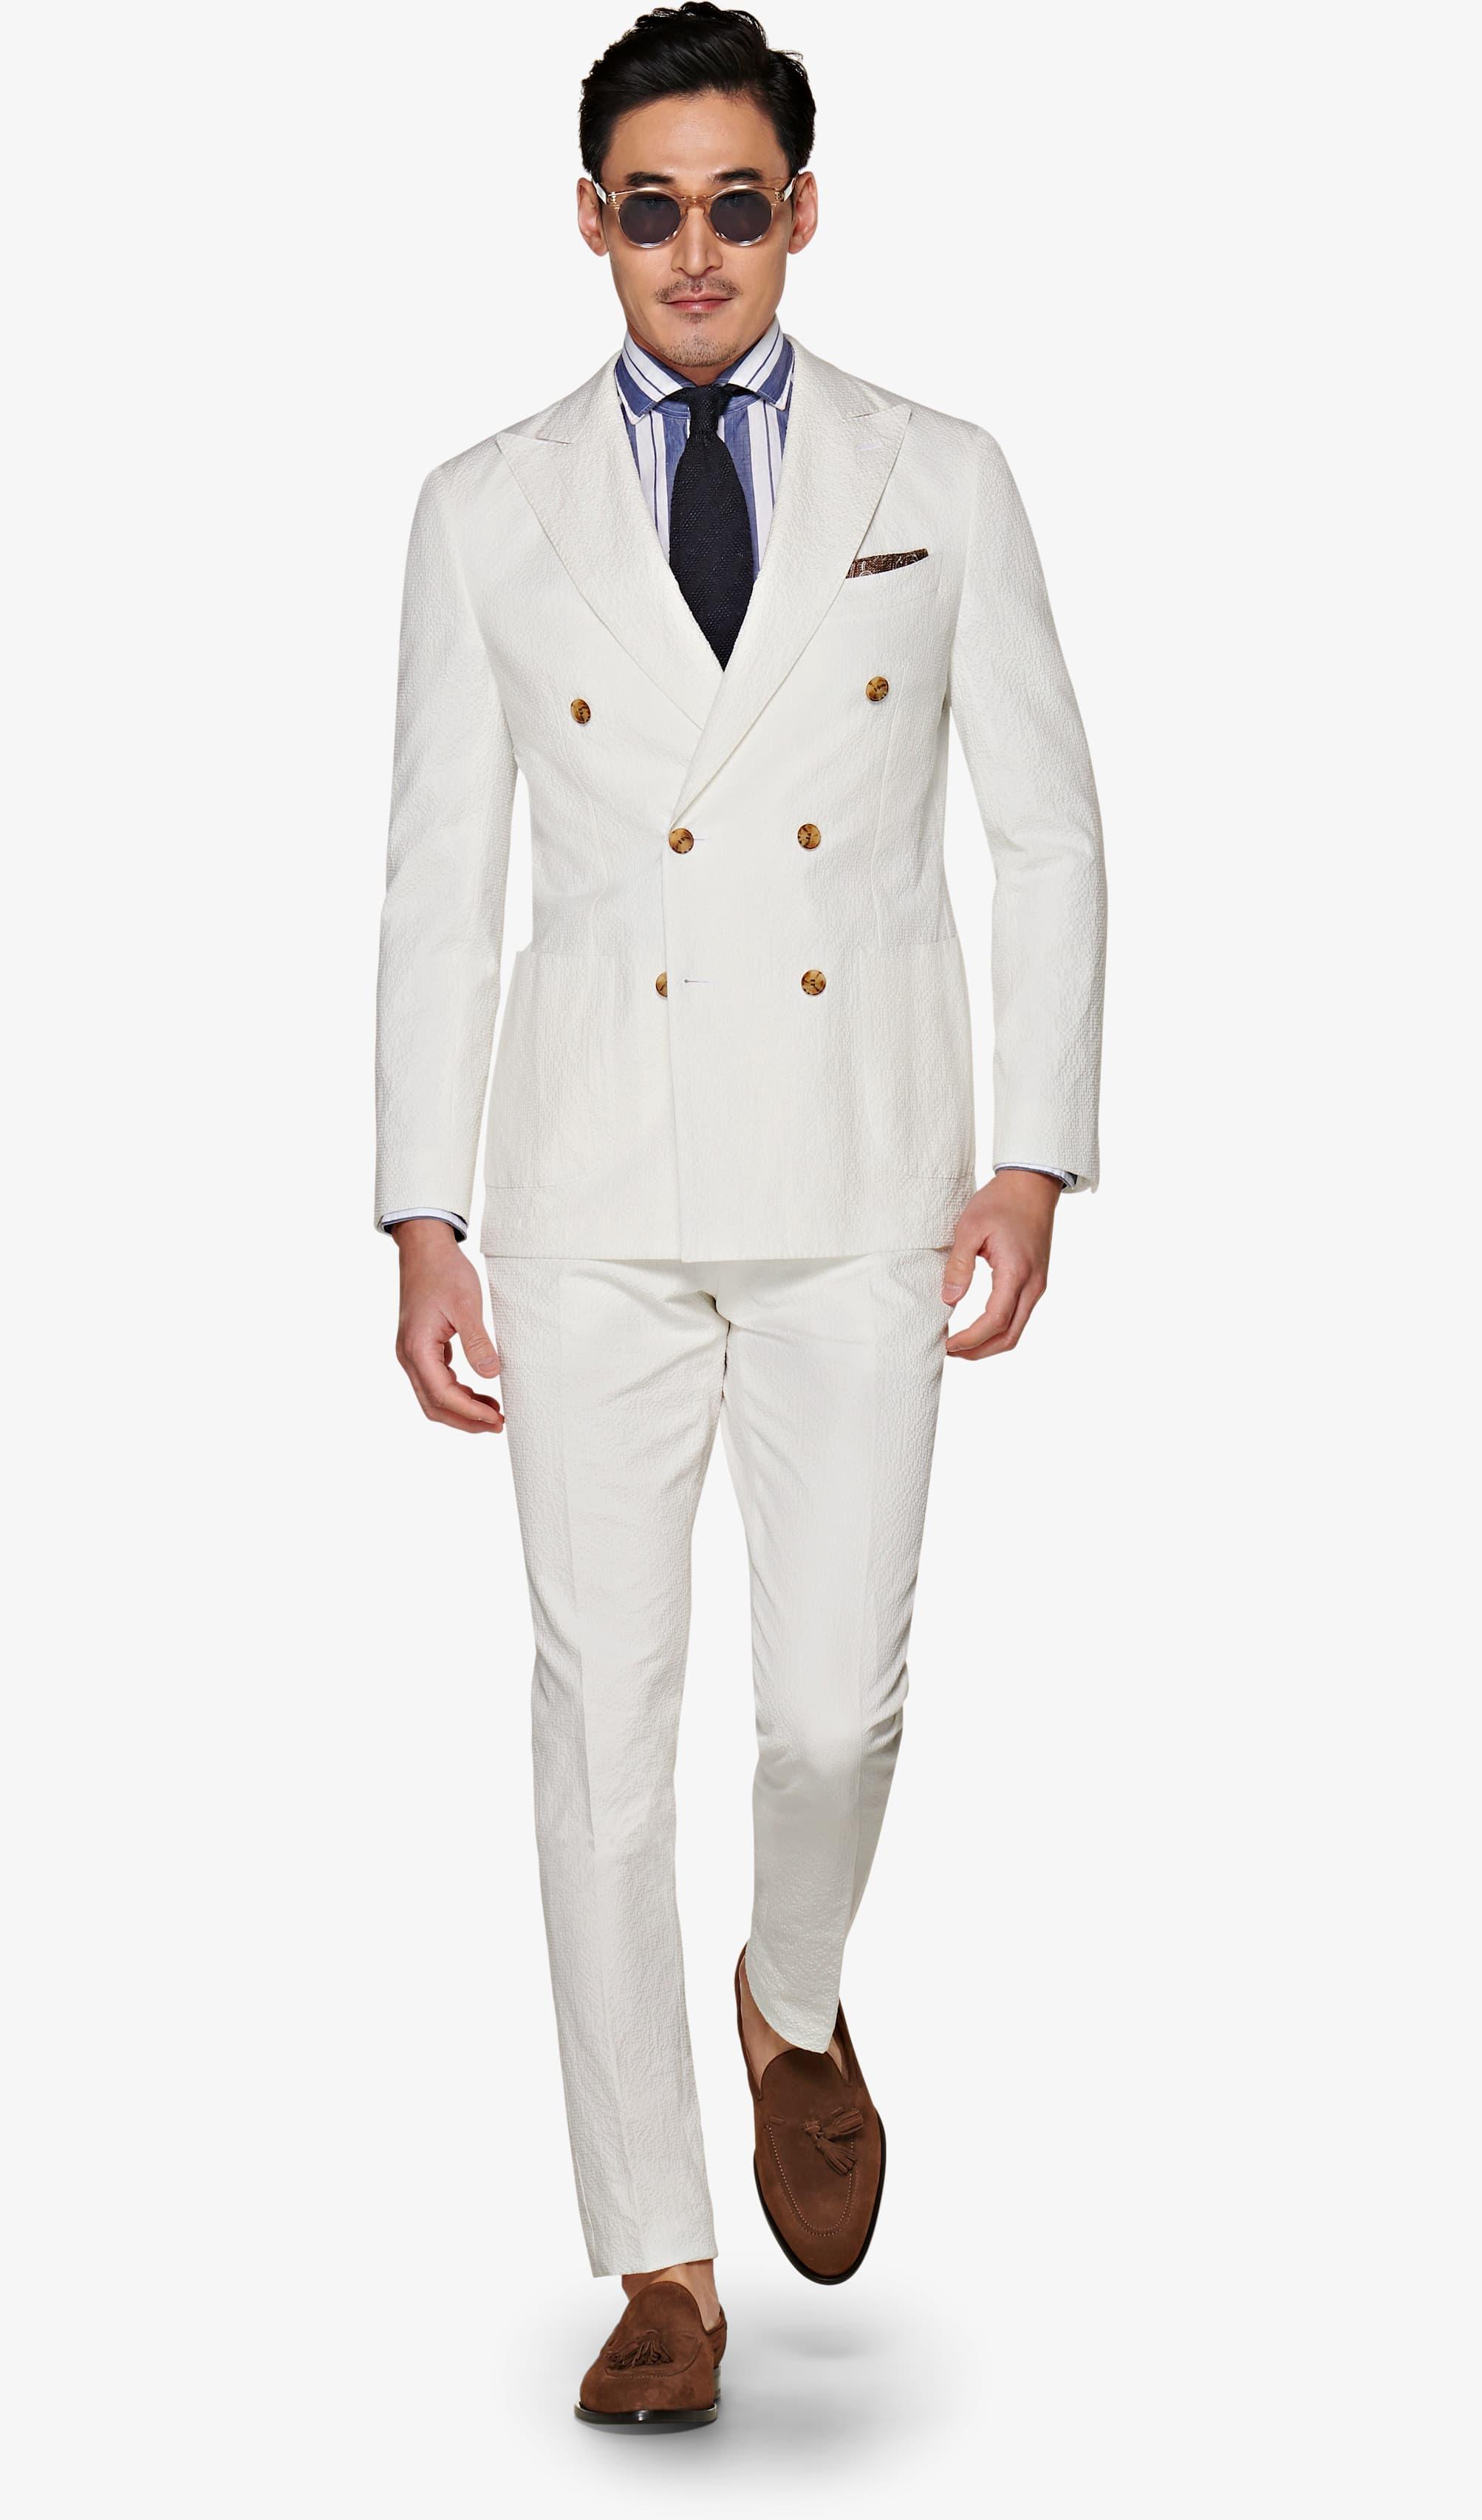 Suit_White_Plain_Havana_P5761I